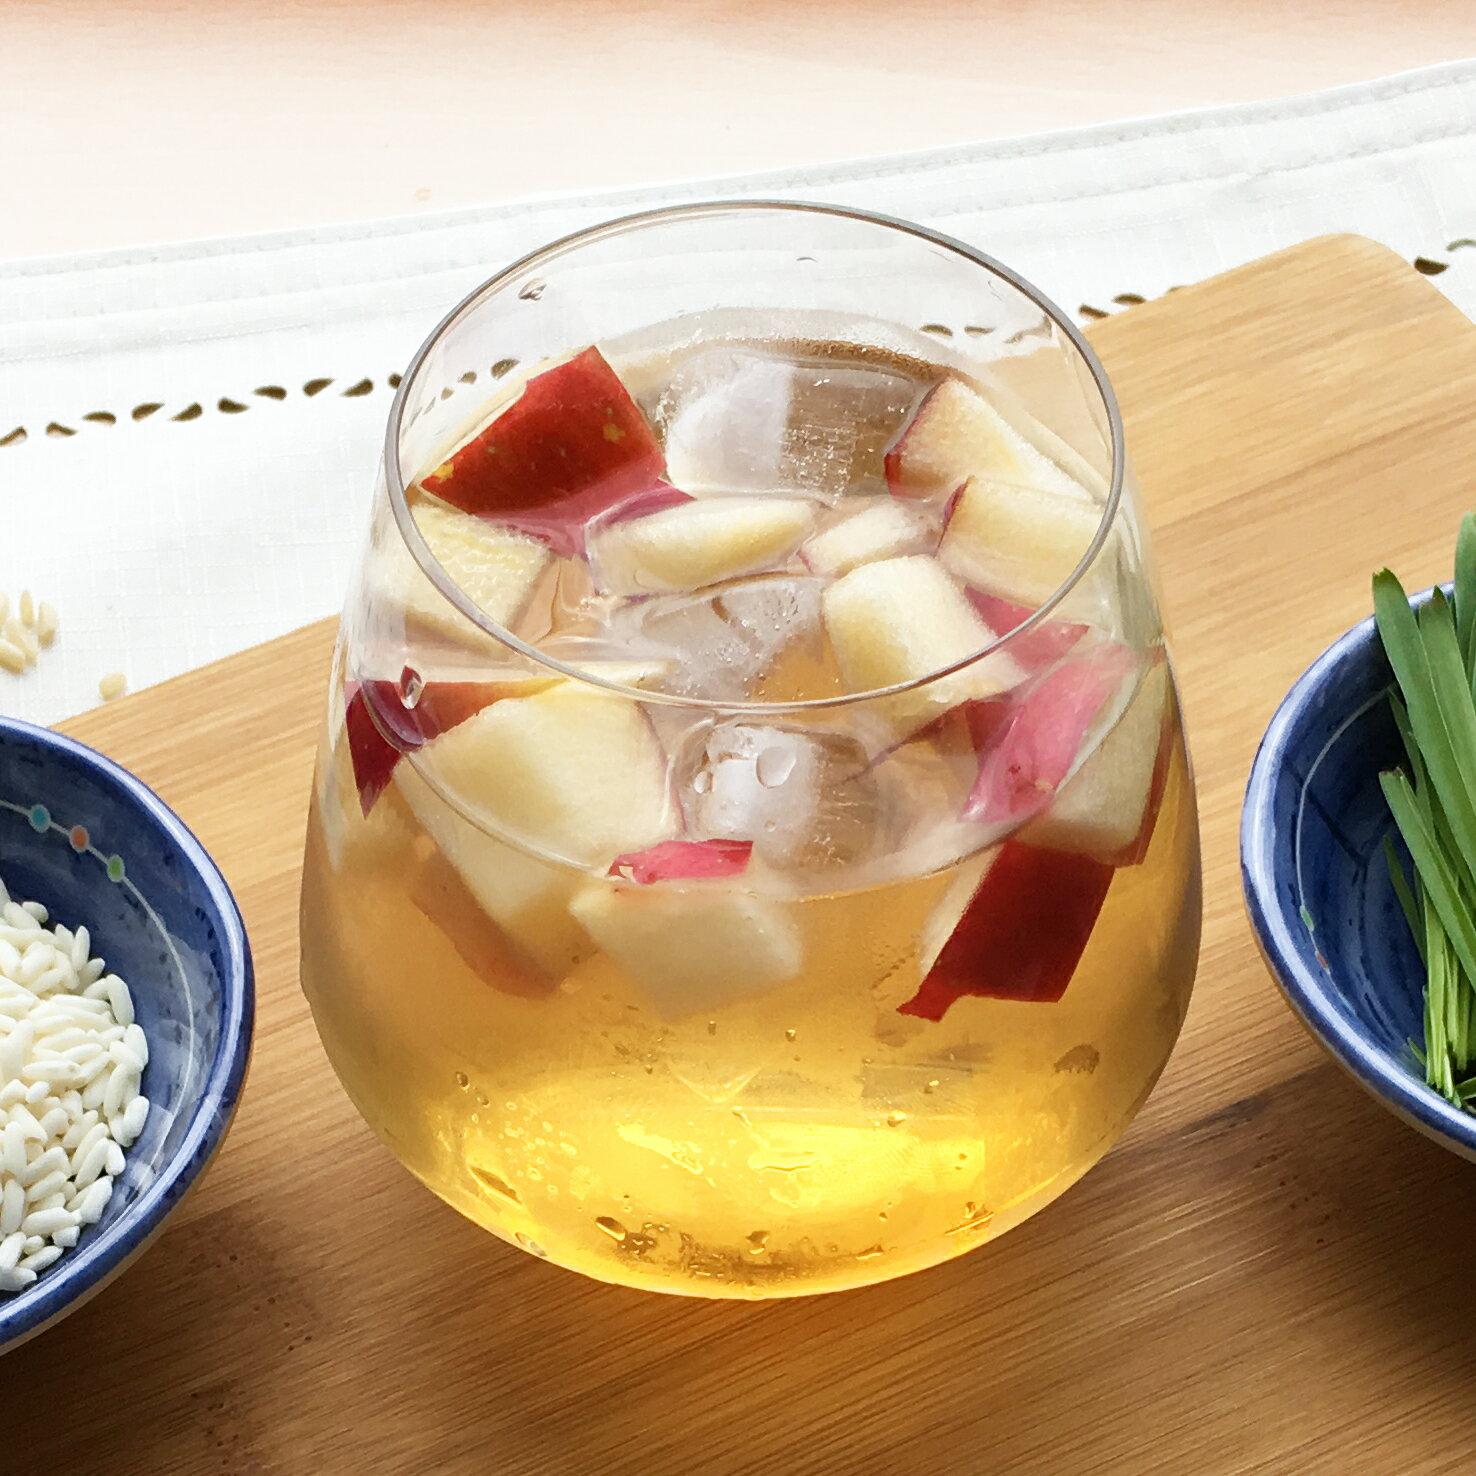 【永禎】蜂蜜醋600ML /  健康果醋 /  促進腸胃健康 /  天然釀造 1